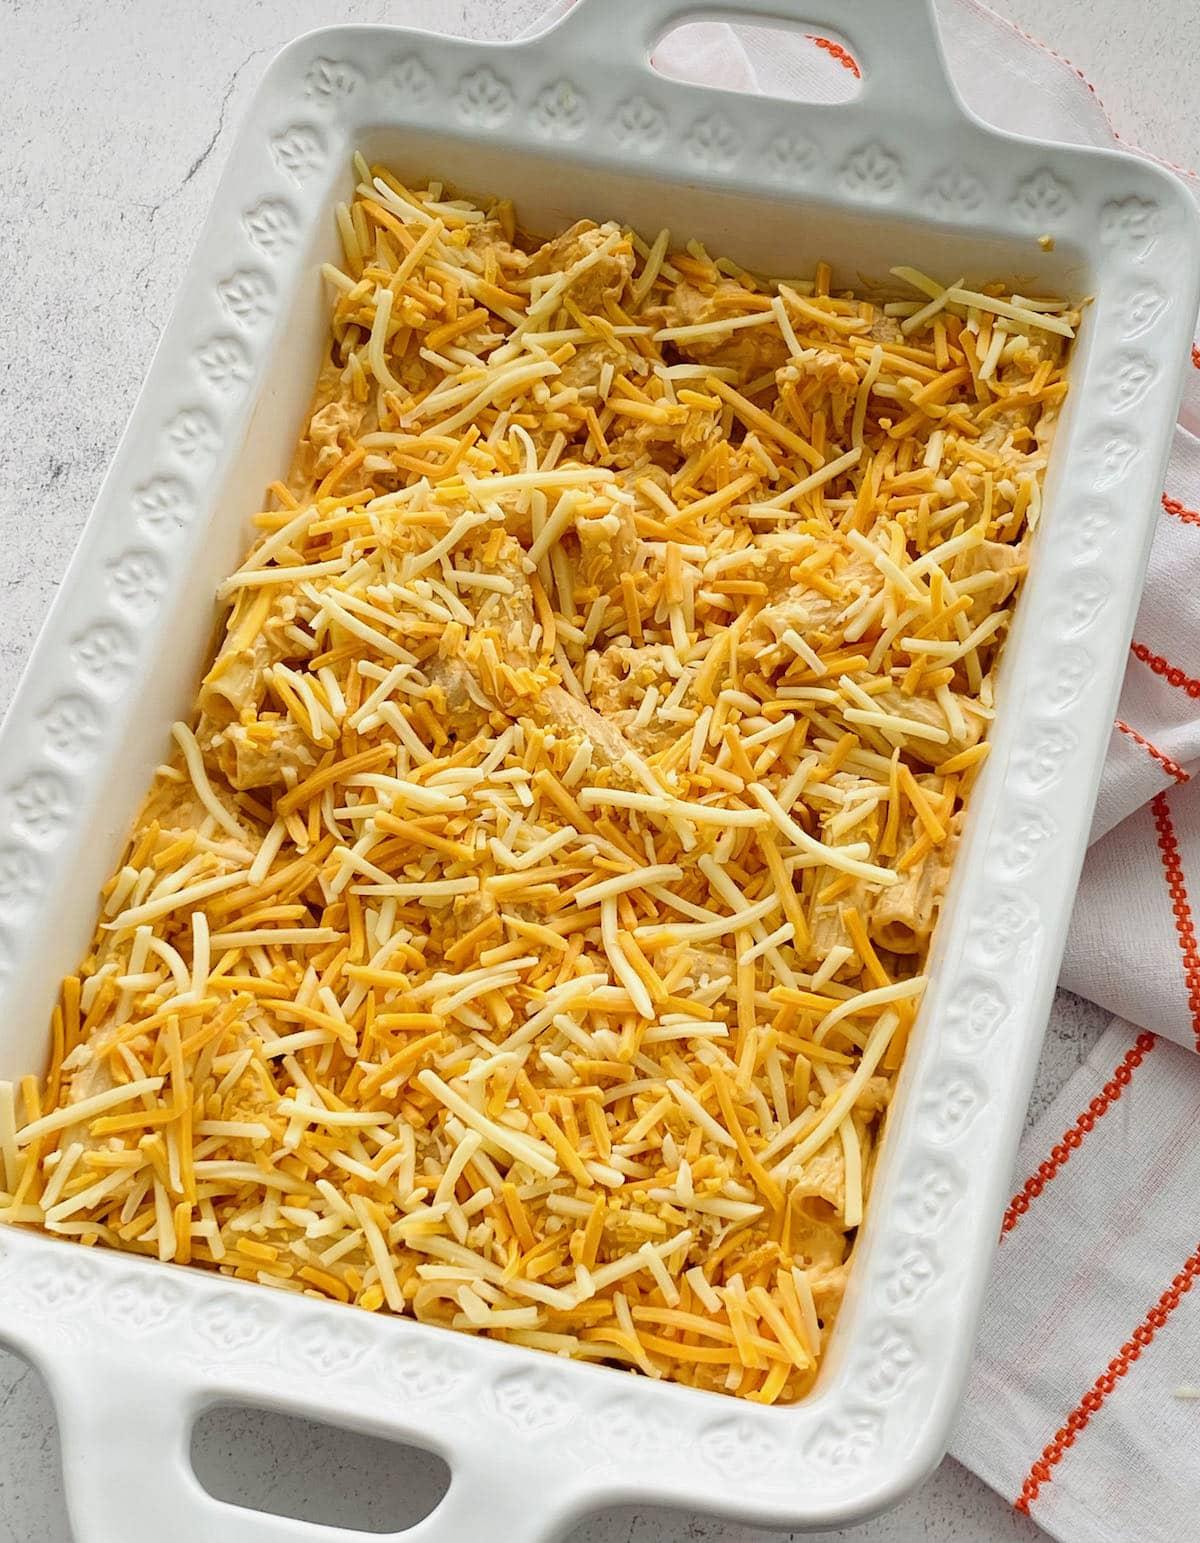 cheese spread over buffalo chicken pasta bake.